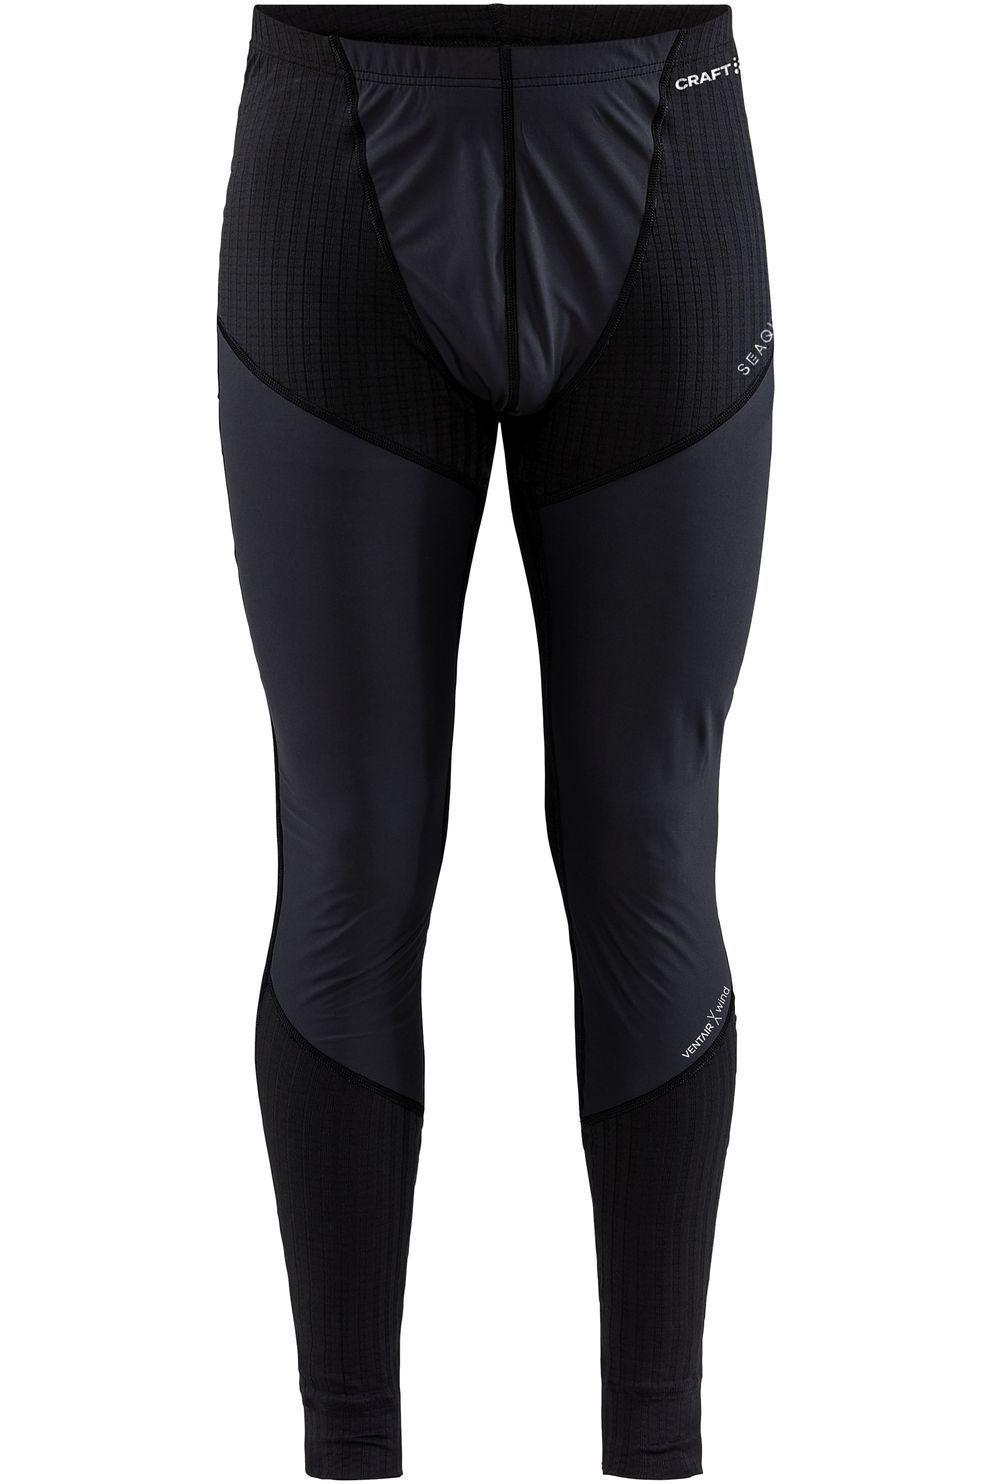 Craft Legging Active Extreme X Wind voor heren - Zwart - Maten: S, M, L, XL, XXL - Nieuwe collectie